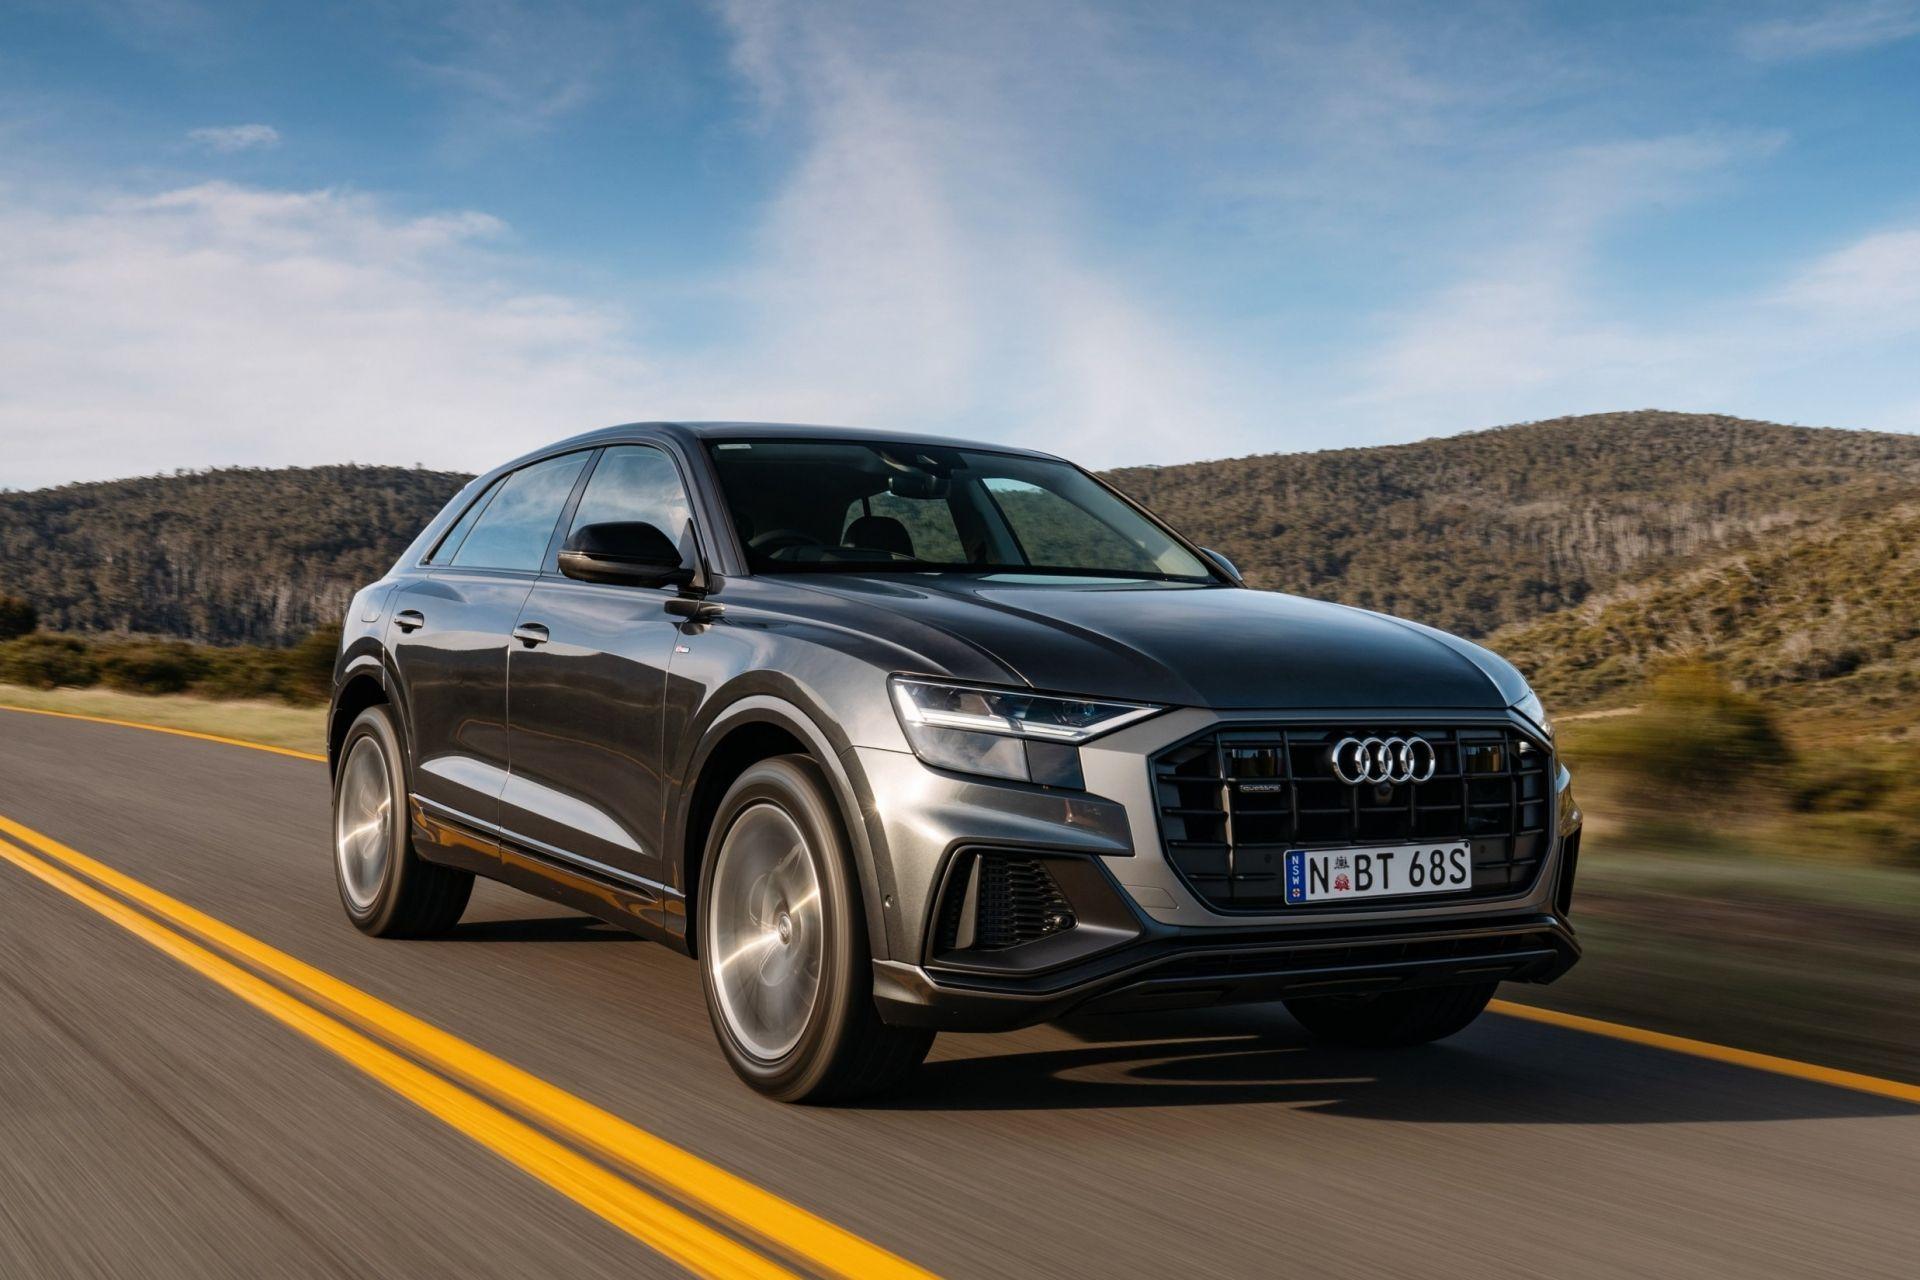 Джереми Кларксон назвал худшие автомобили 2018 года 2